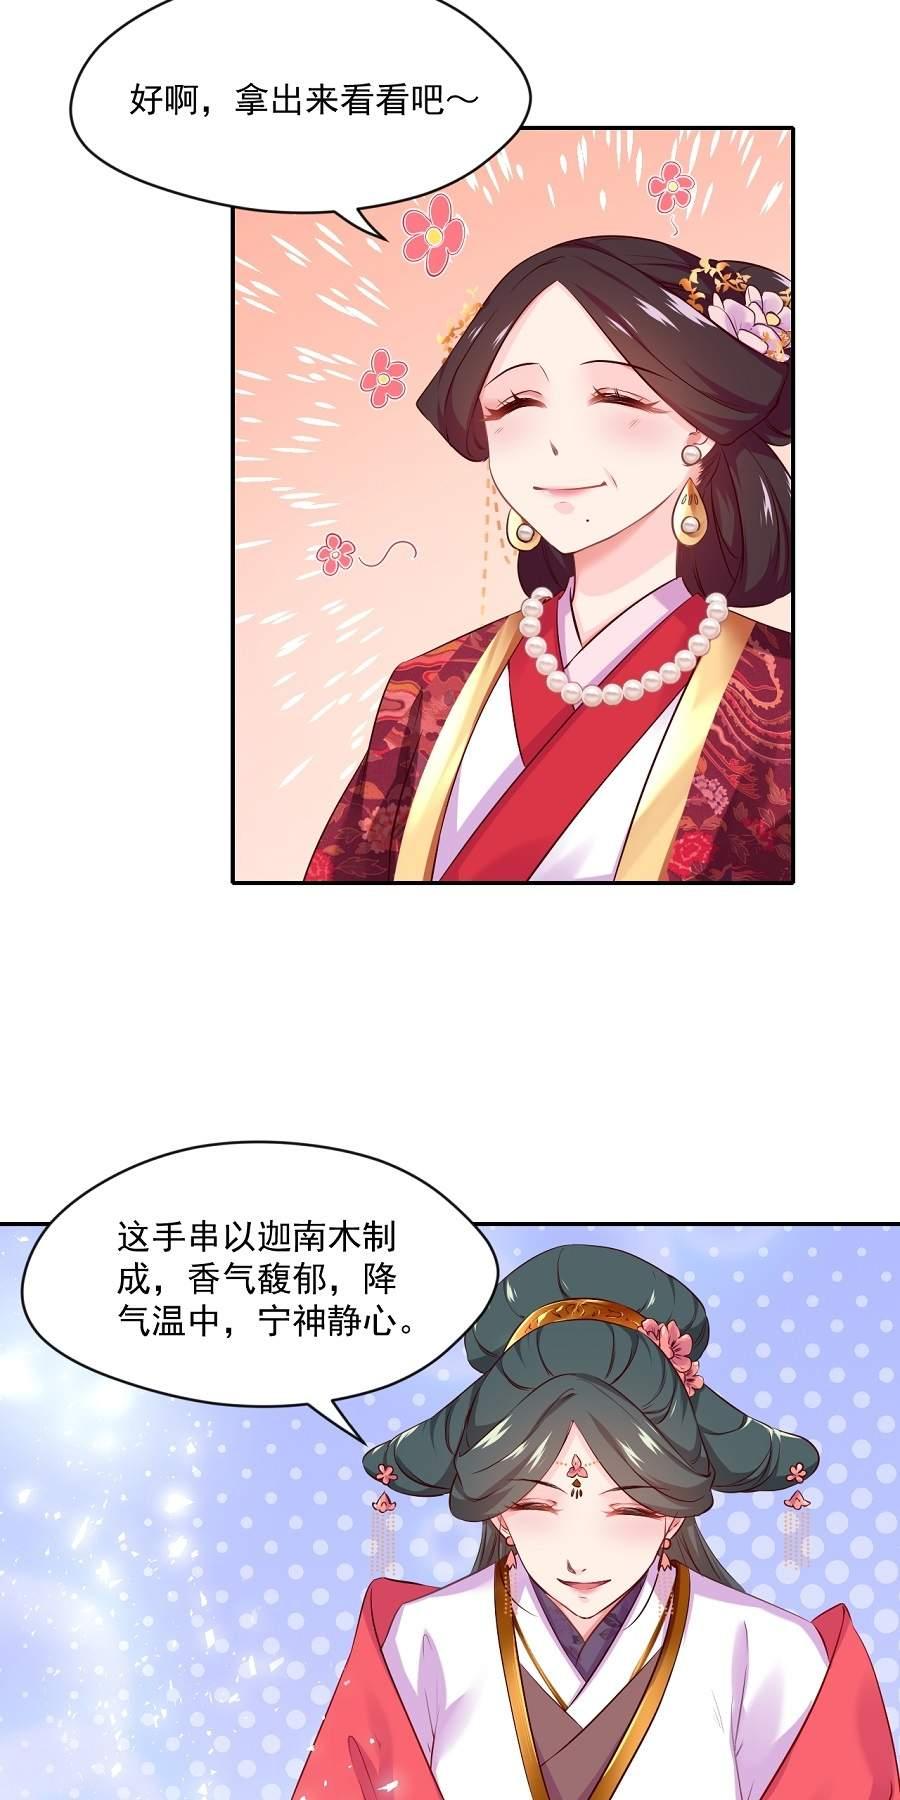 盛世帝王妃第76话  眼中钉(福利!) 第 14